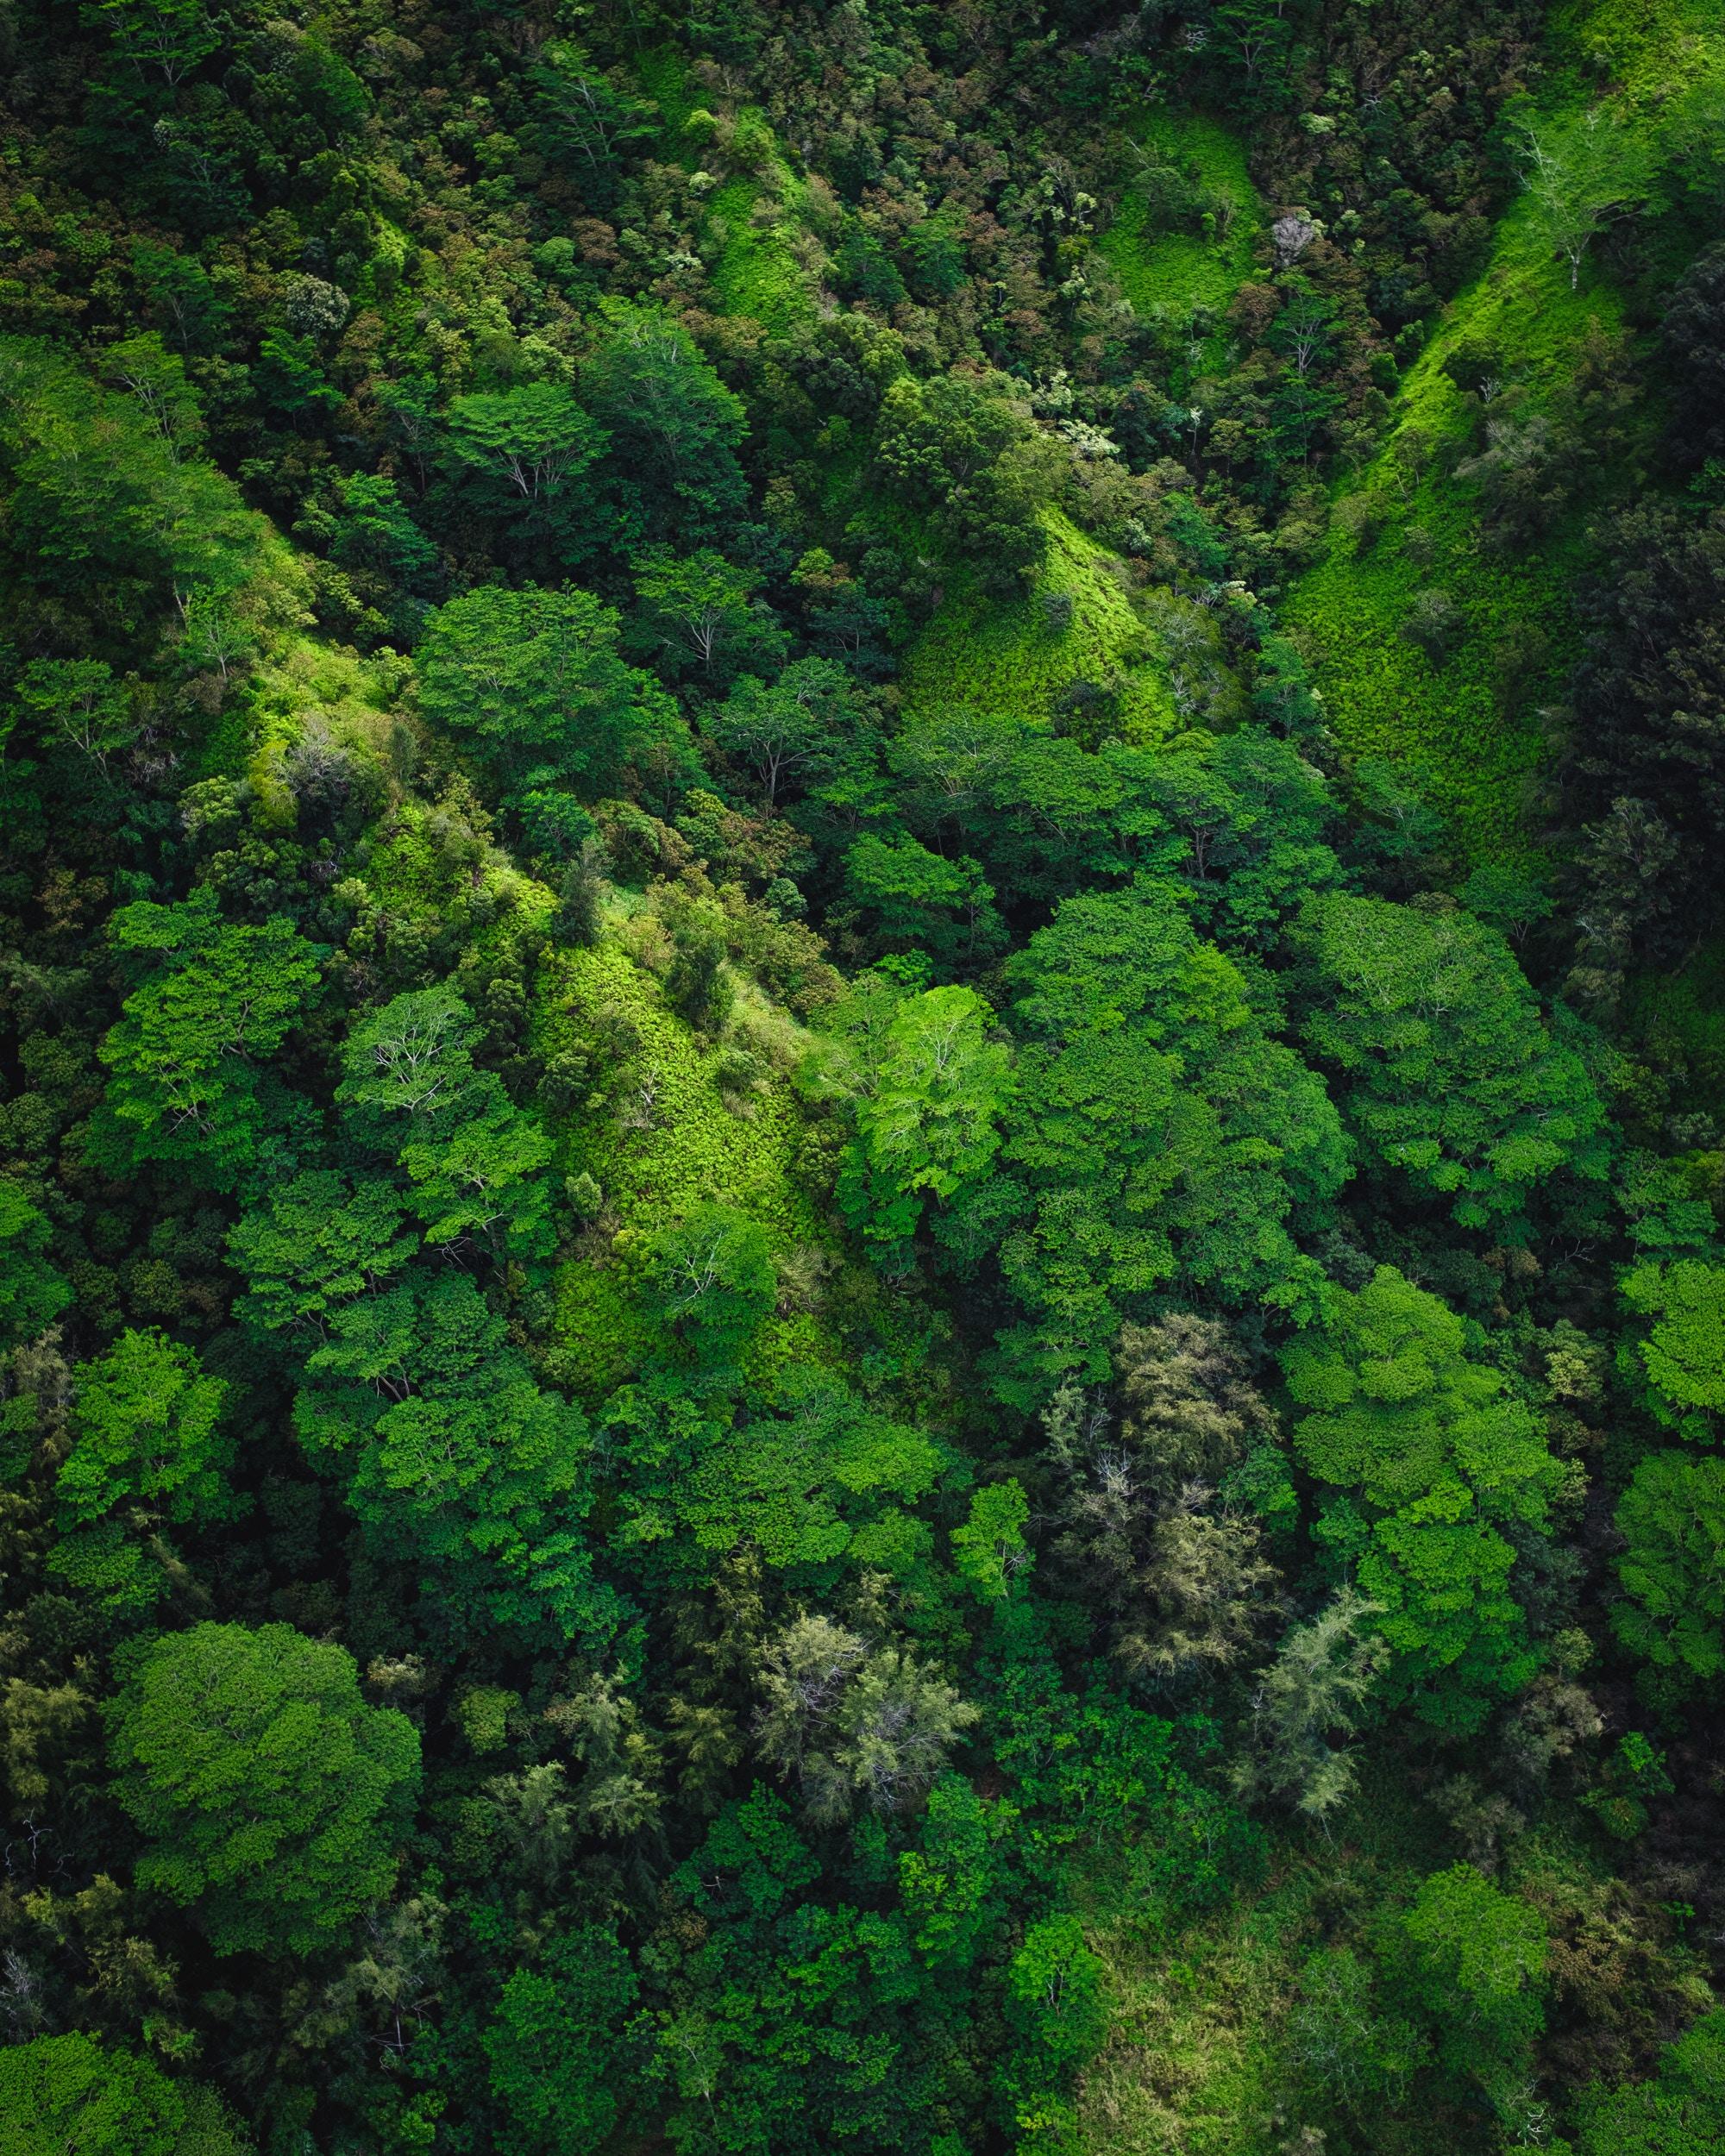 86307 Hintergrundbild 720x1280 kostenlos auf deinem Handy, lade Bilder Natur, Bäume, Blick Von Oben, Wald 720x1280 auf dein Handy herunter